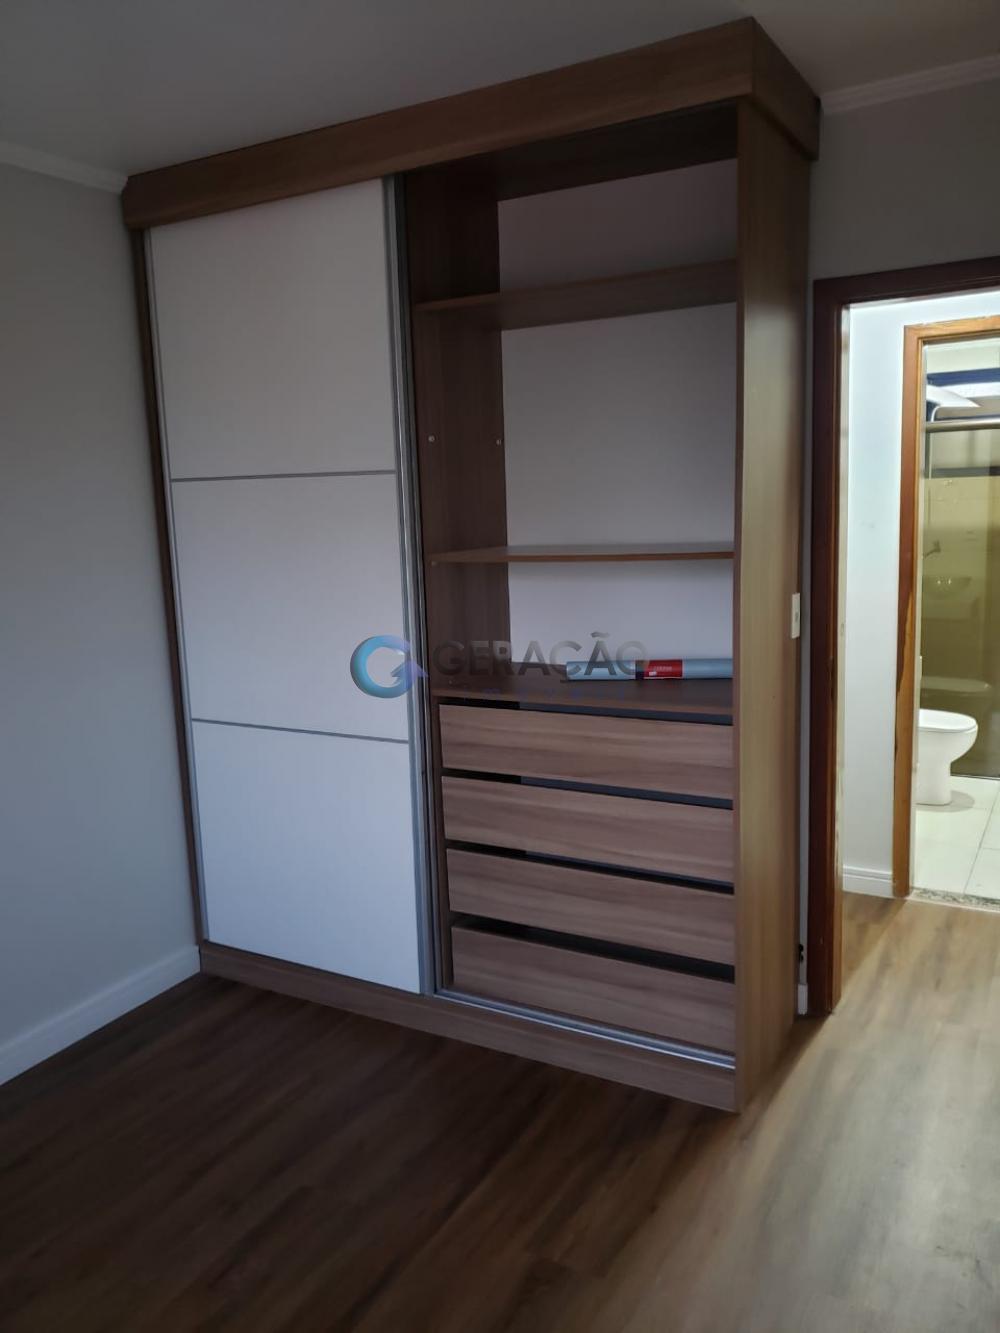 Comprar Apartamento / Padrão em São José dos Campos apenas R$ 405.000,00 - Foto 10